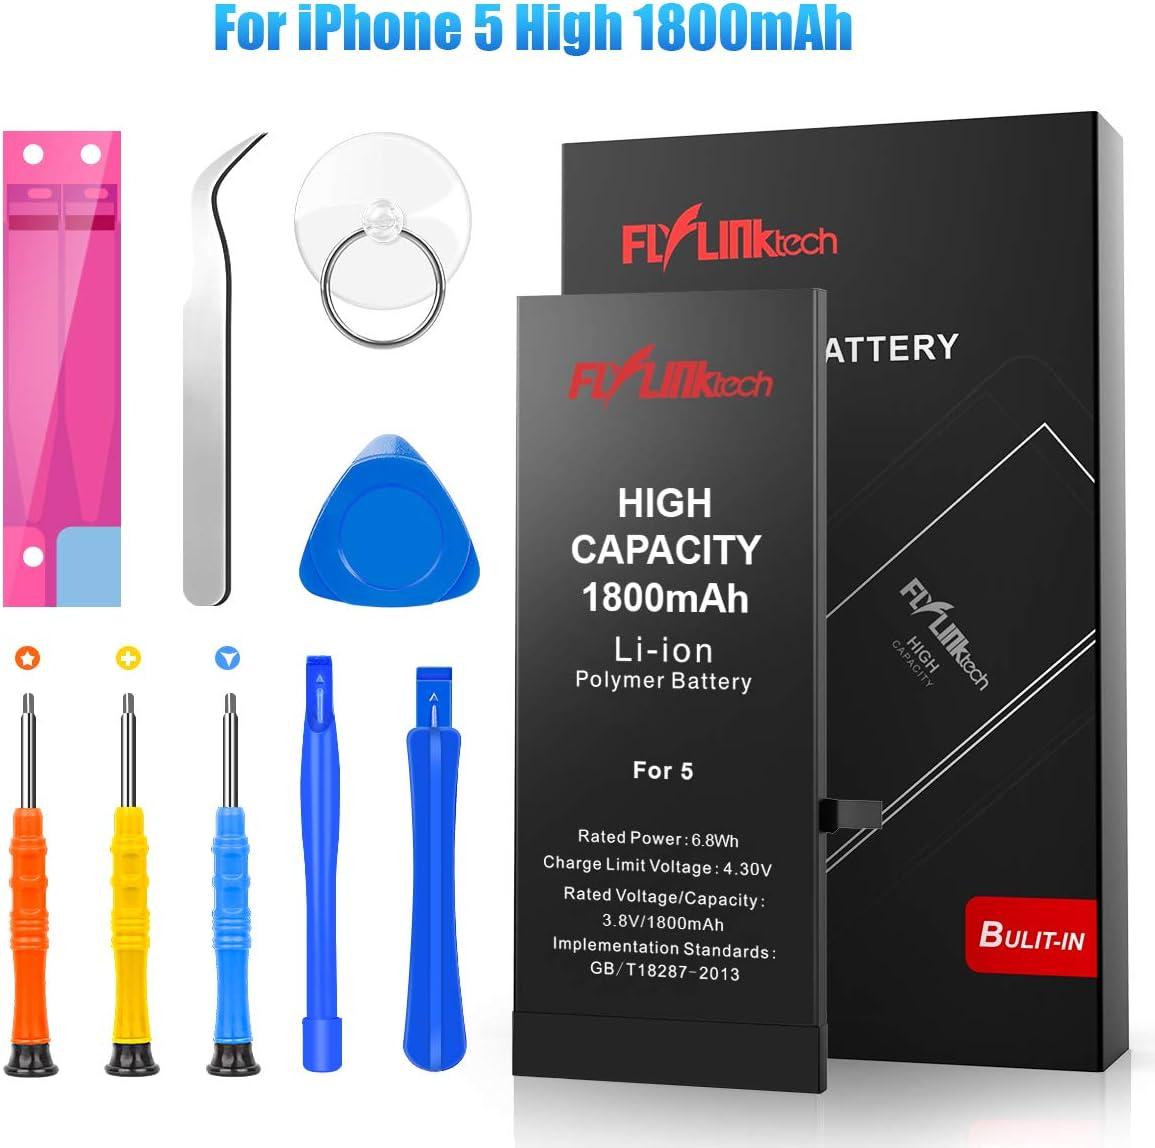 Batería para iPhone 5 1800mAH Reemplazo de Alta Capacidad, FLYLINKTECH Batería con 25% más de Capacidad Que la batería Original y con Kits de Herramientas de reparación